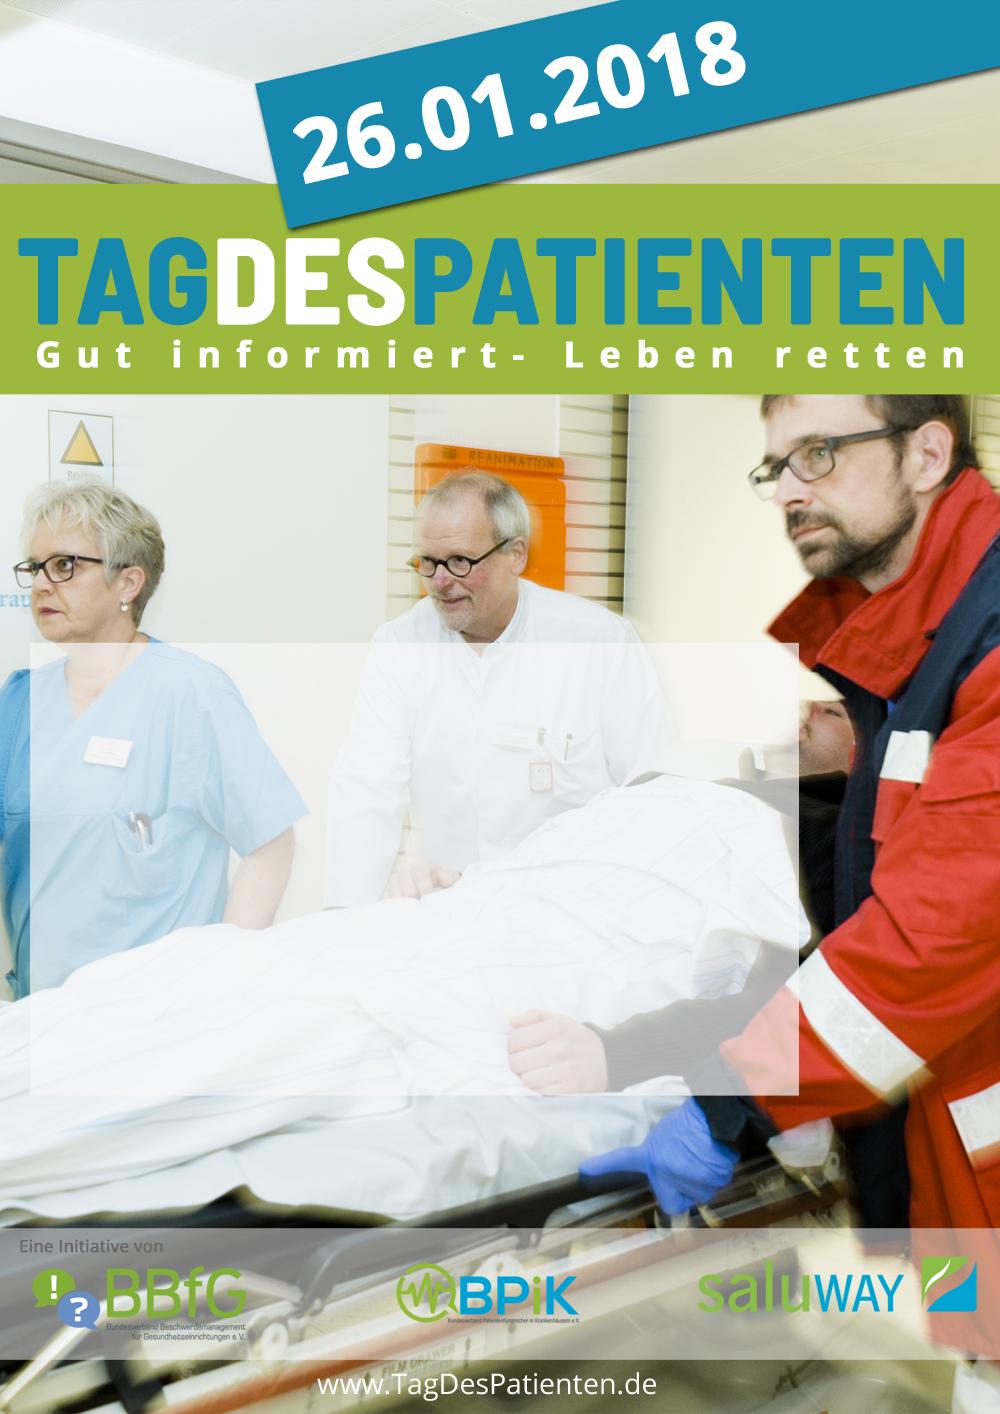 Tag des Patienten 2018 Plakatvorlage